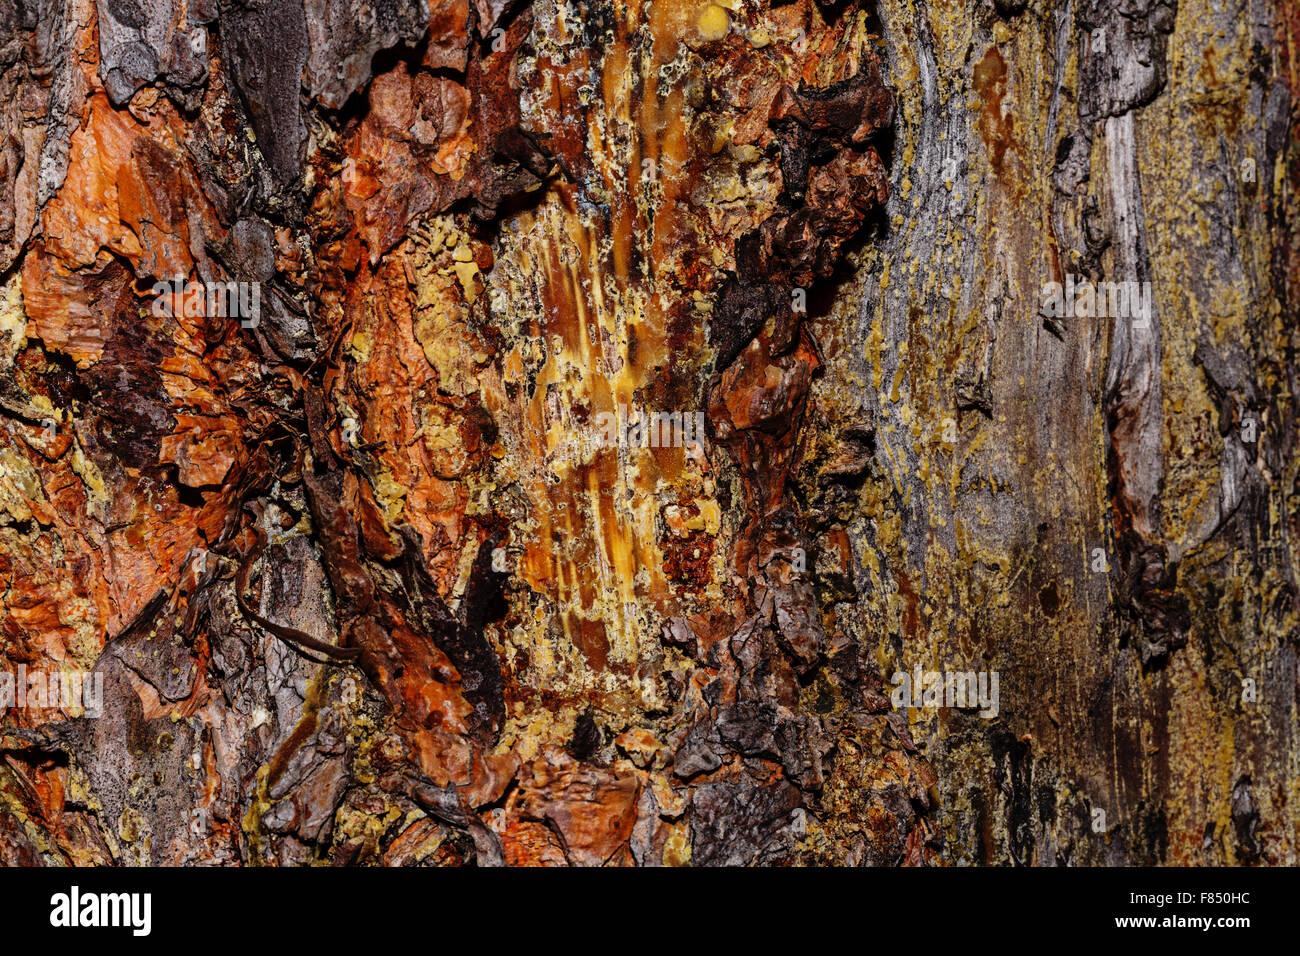 Arrière-plan de l'écorce de pin. Le bois non traité. Texture grunge. Banque D'Images